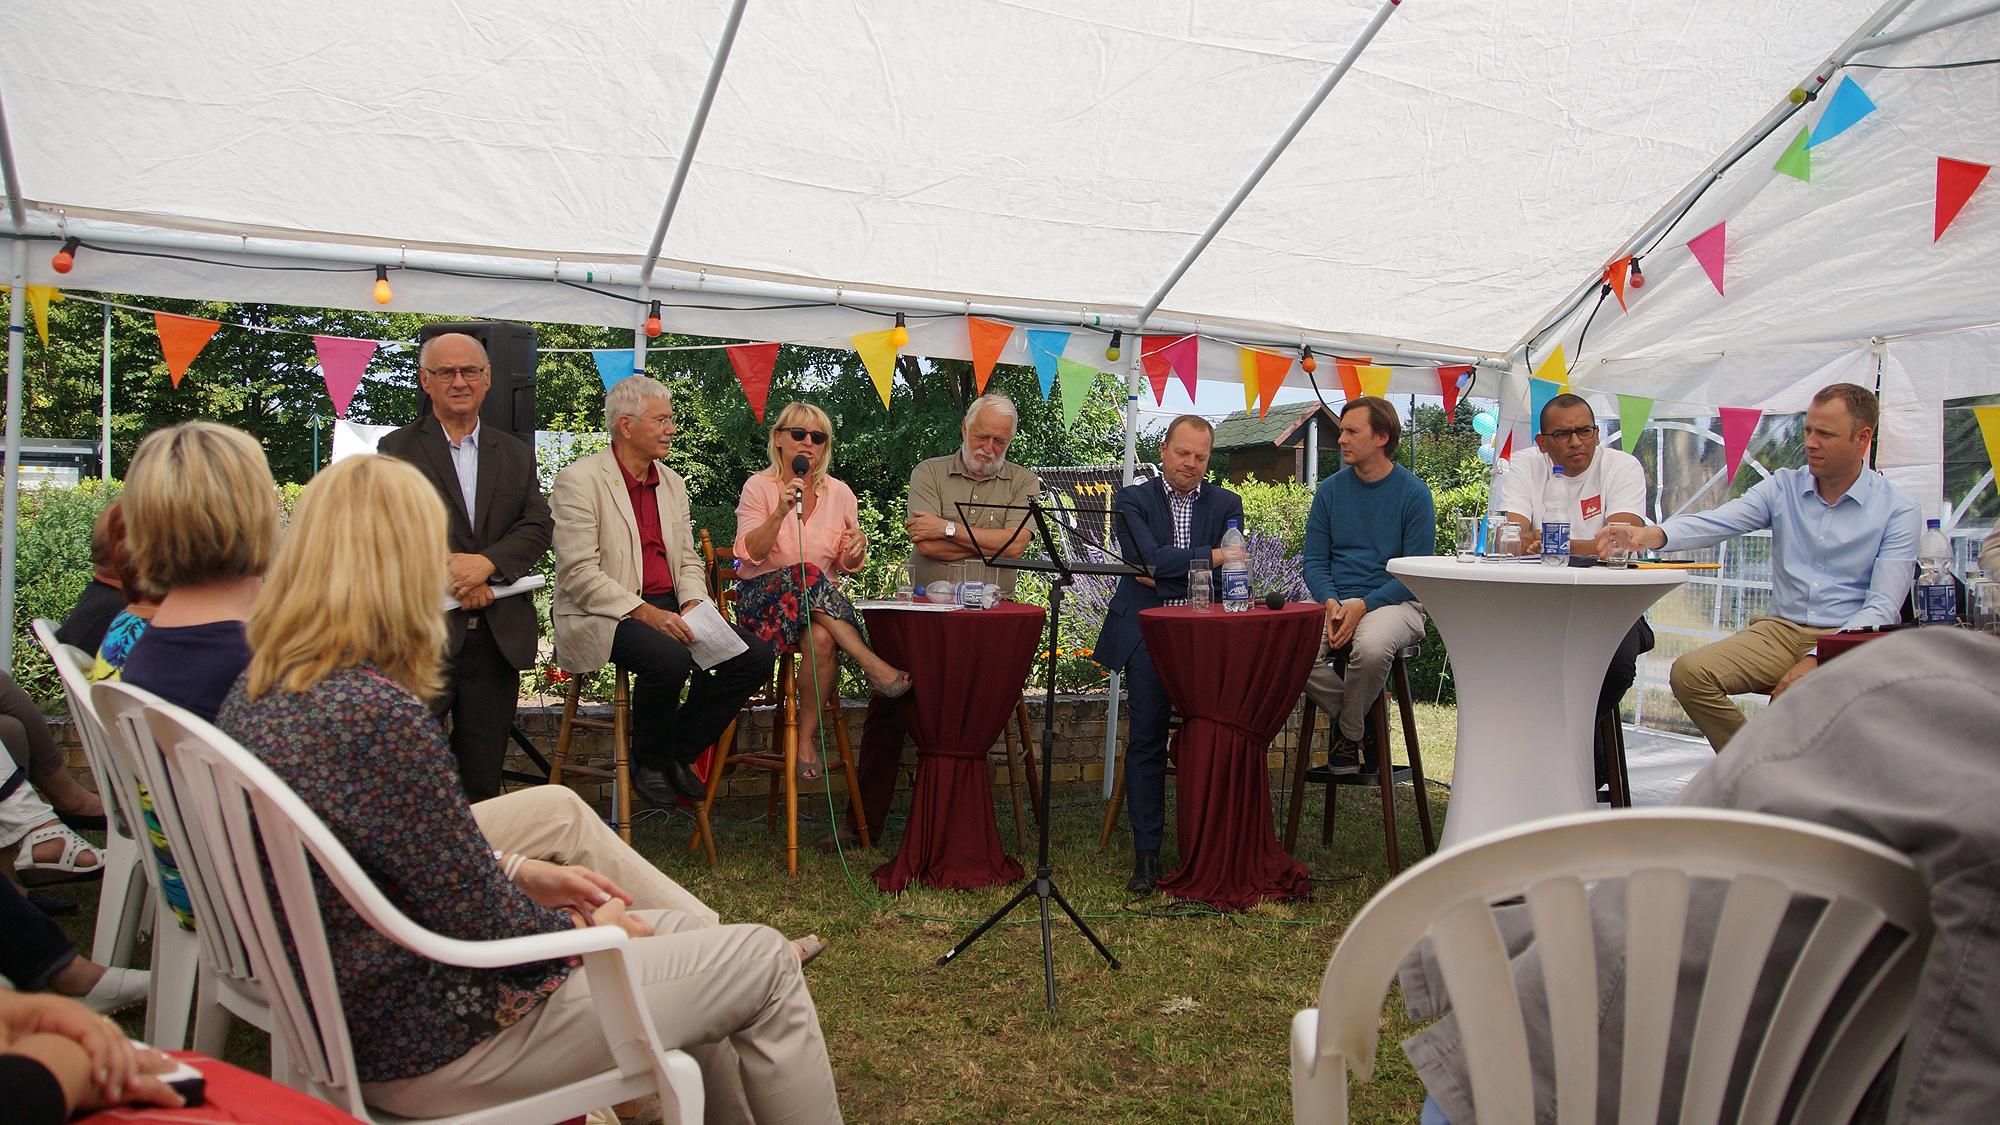 Polit - Talk anlässlich des 40. Geburtstages der KGA Wacholderheide am 16.Juli 2016